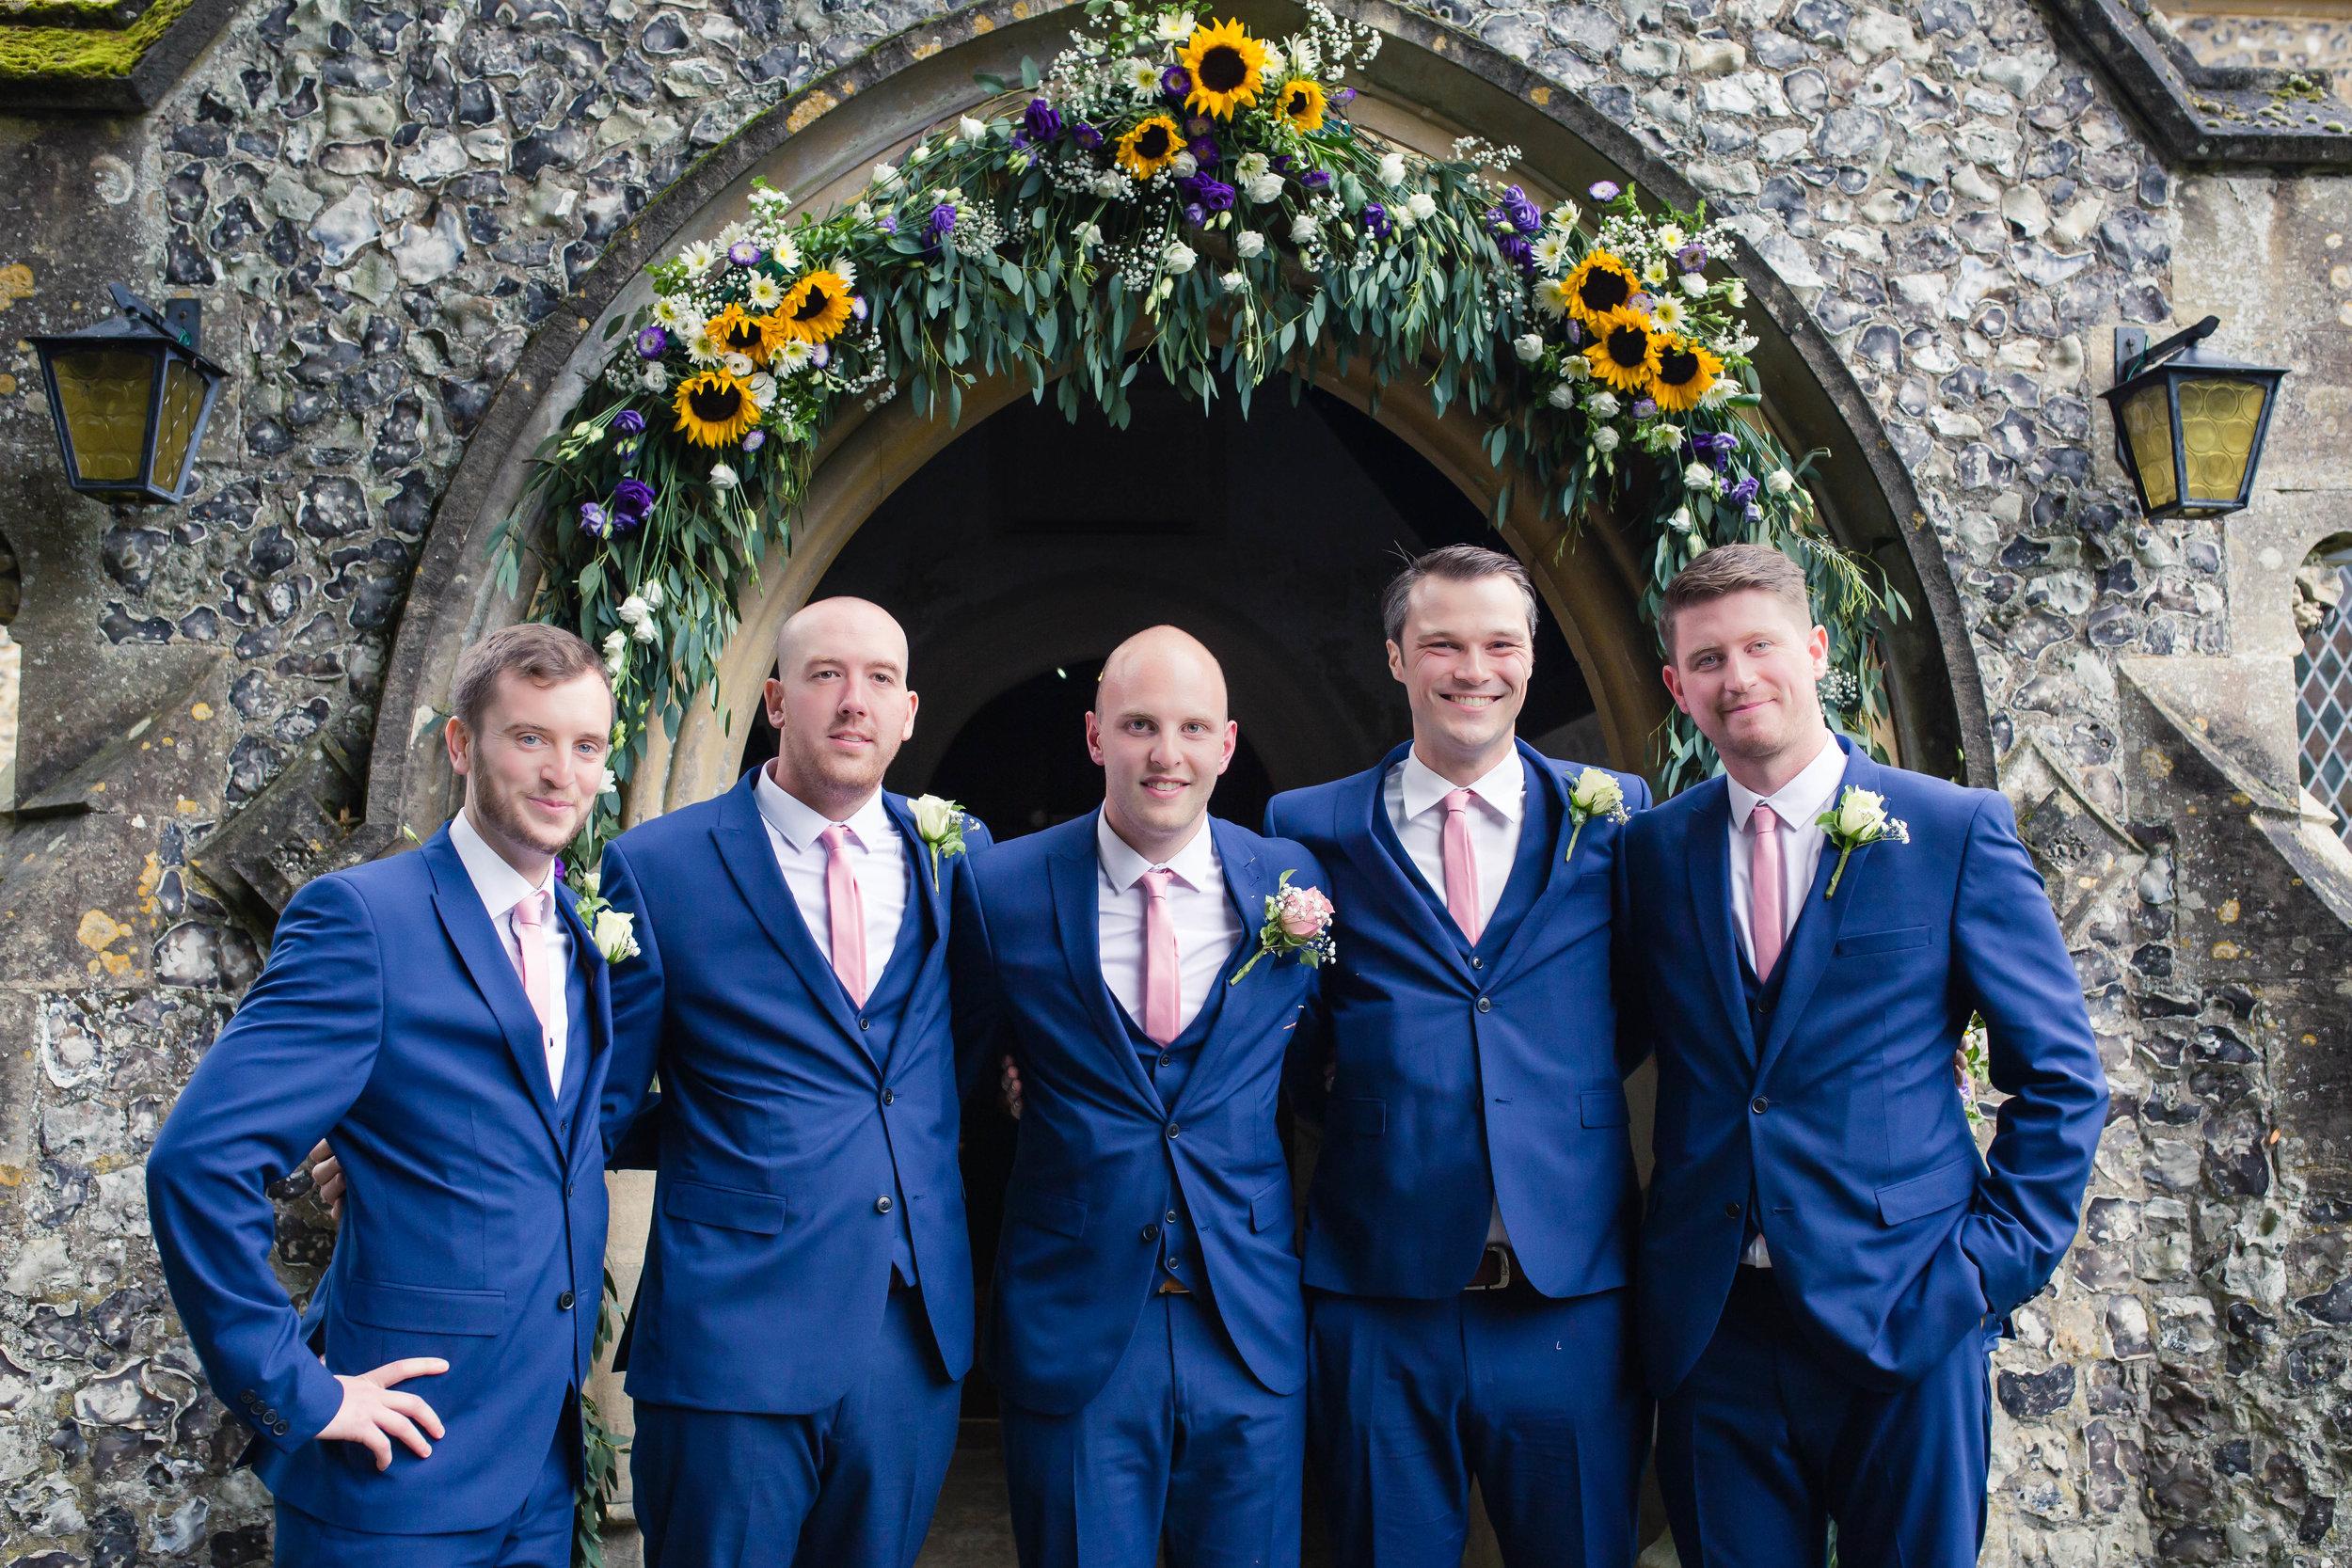 The fantastic groom & groomsmen